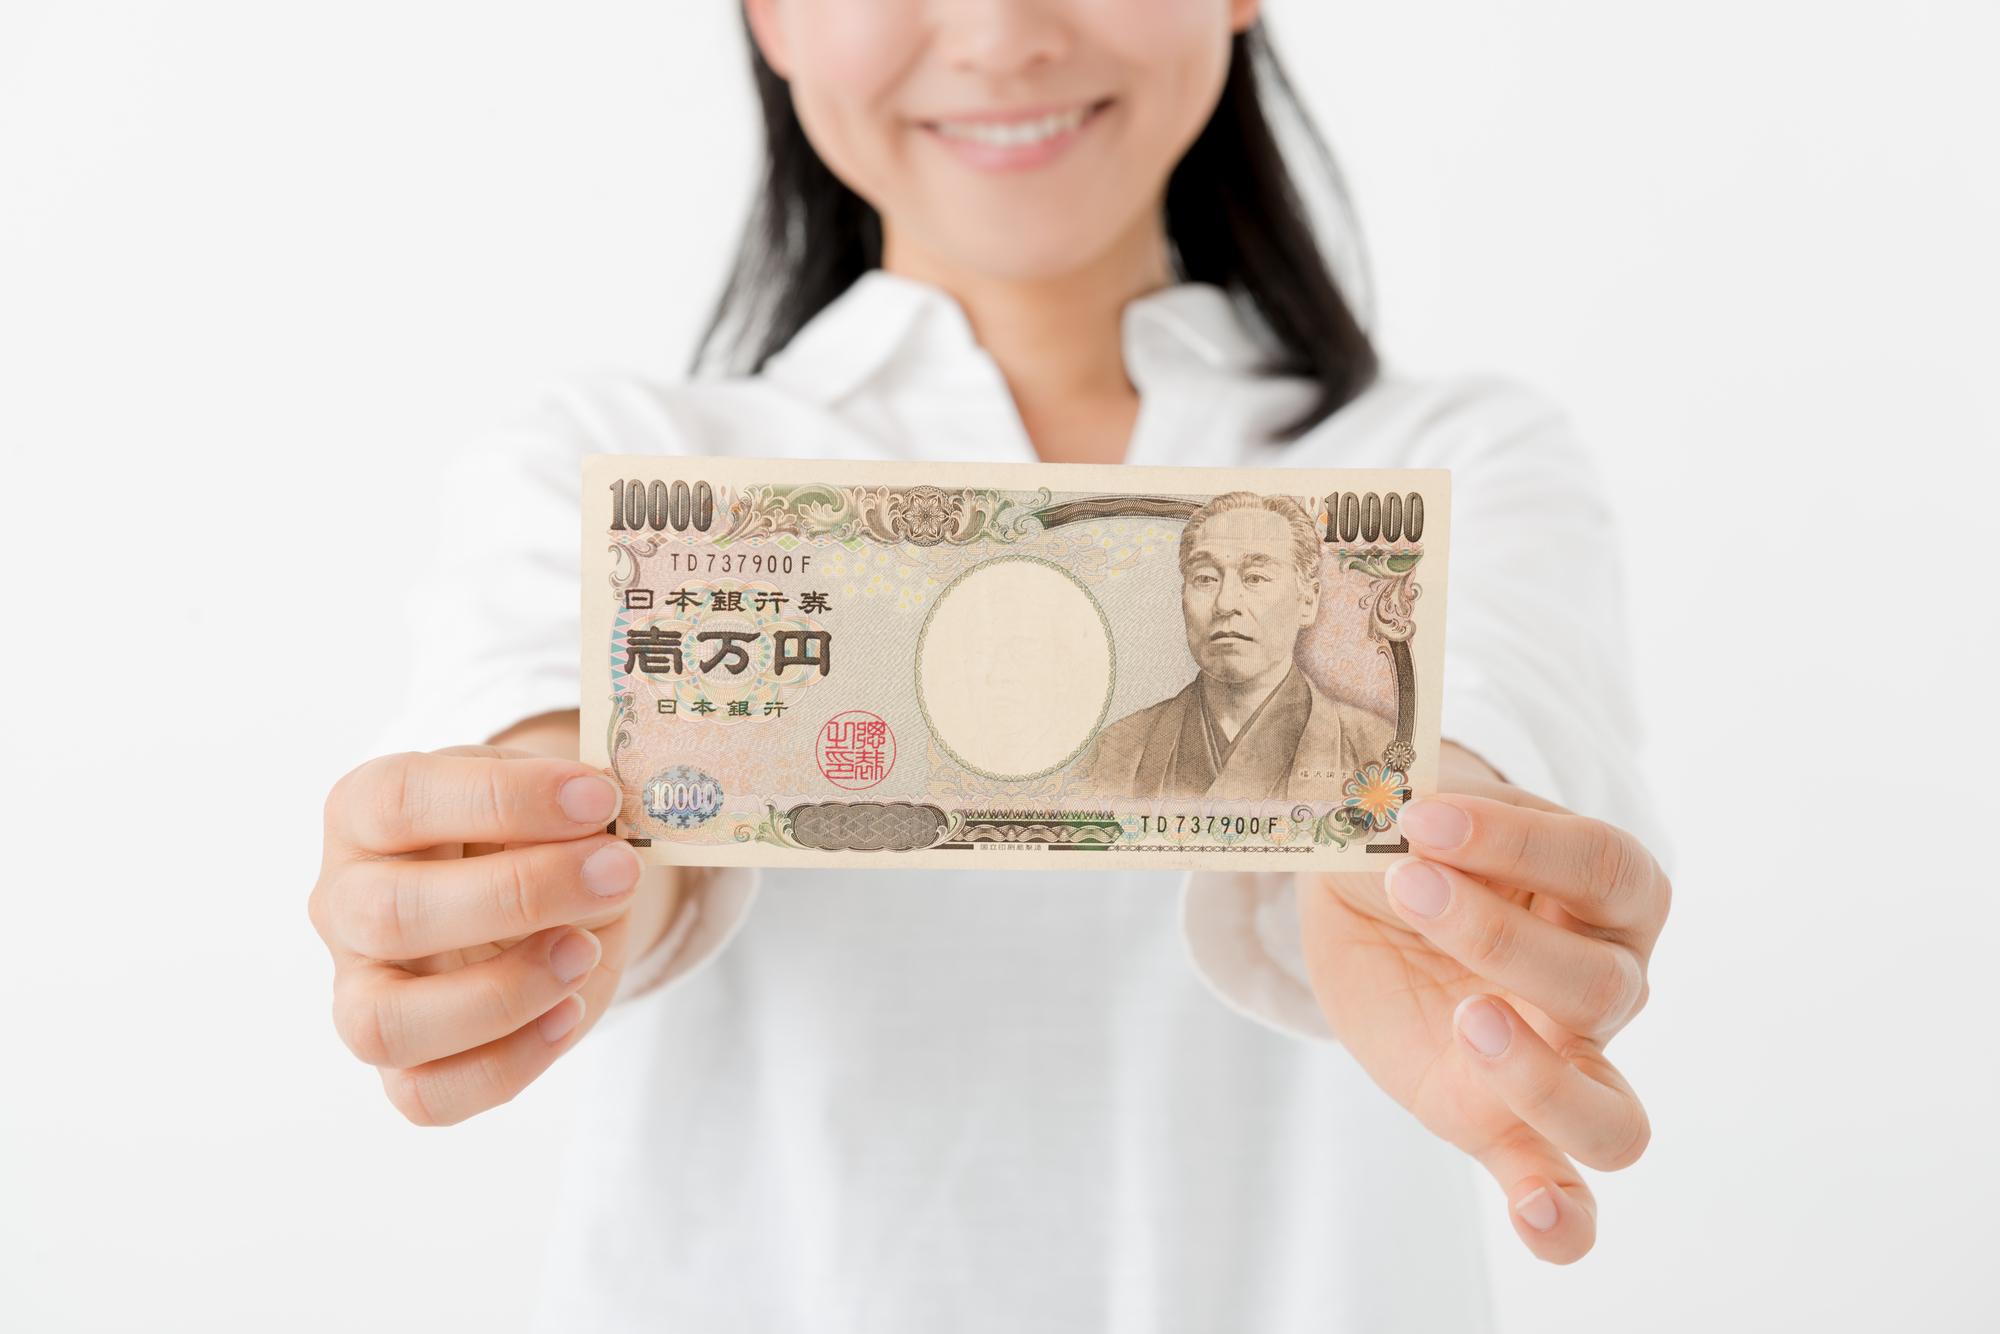 マネセツ161(岩城)専業主婦の労働対価/メイン